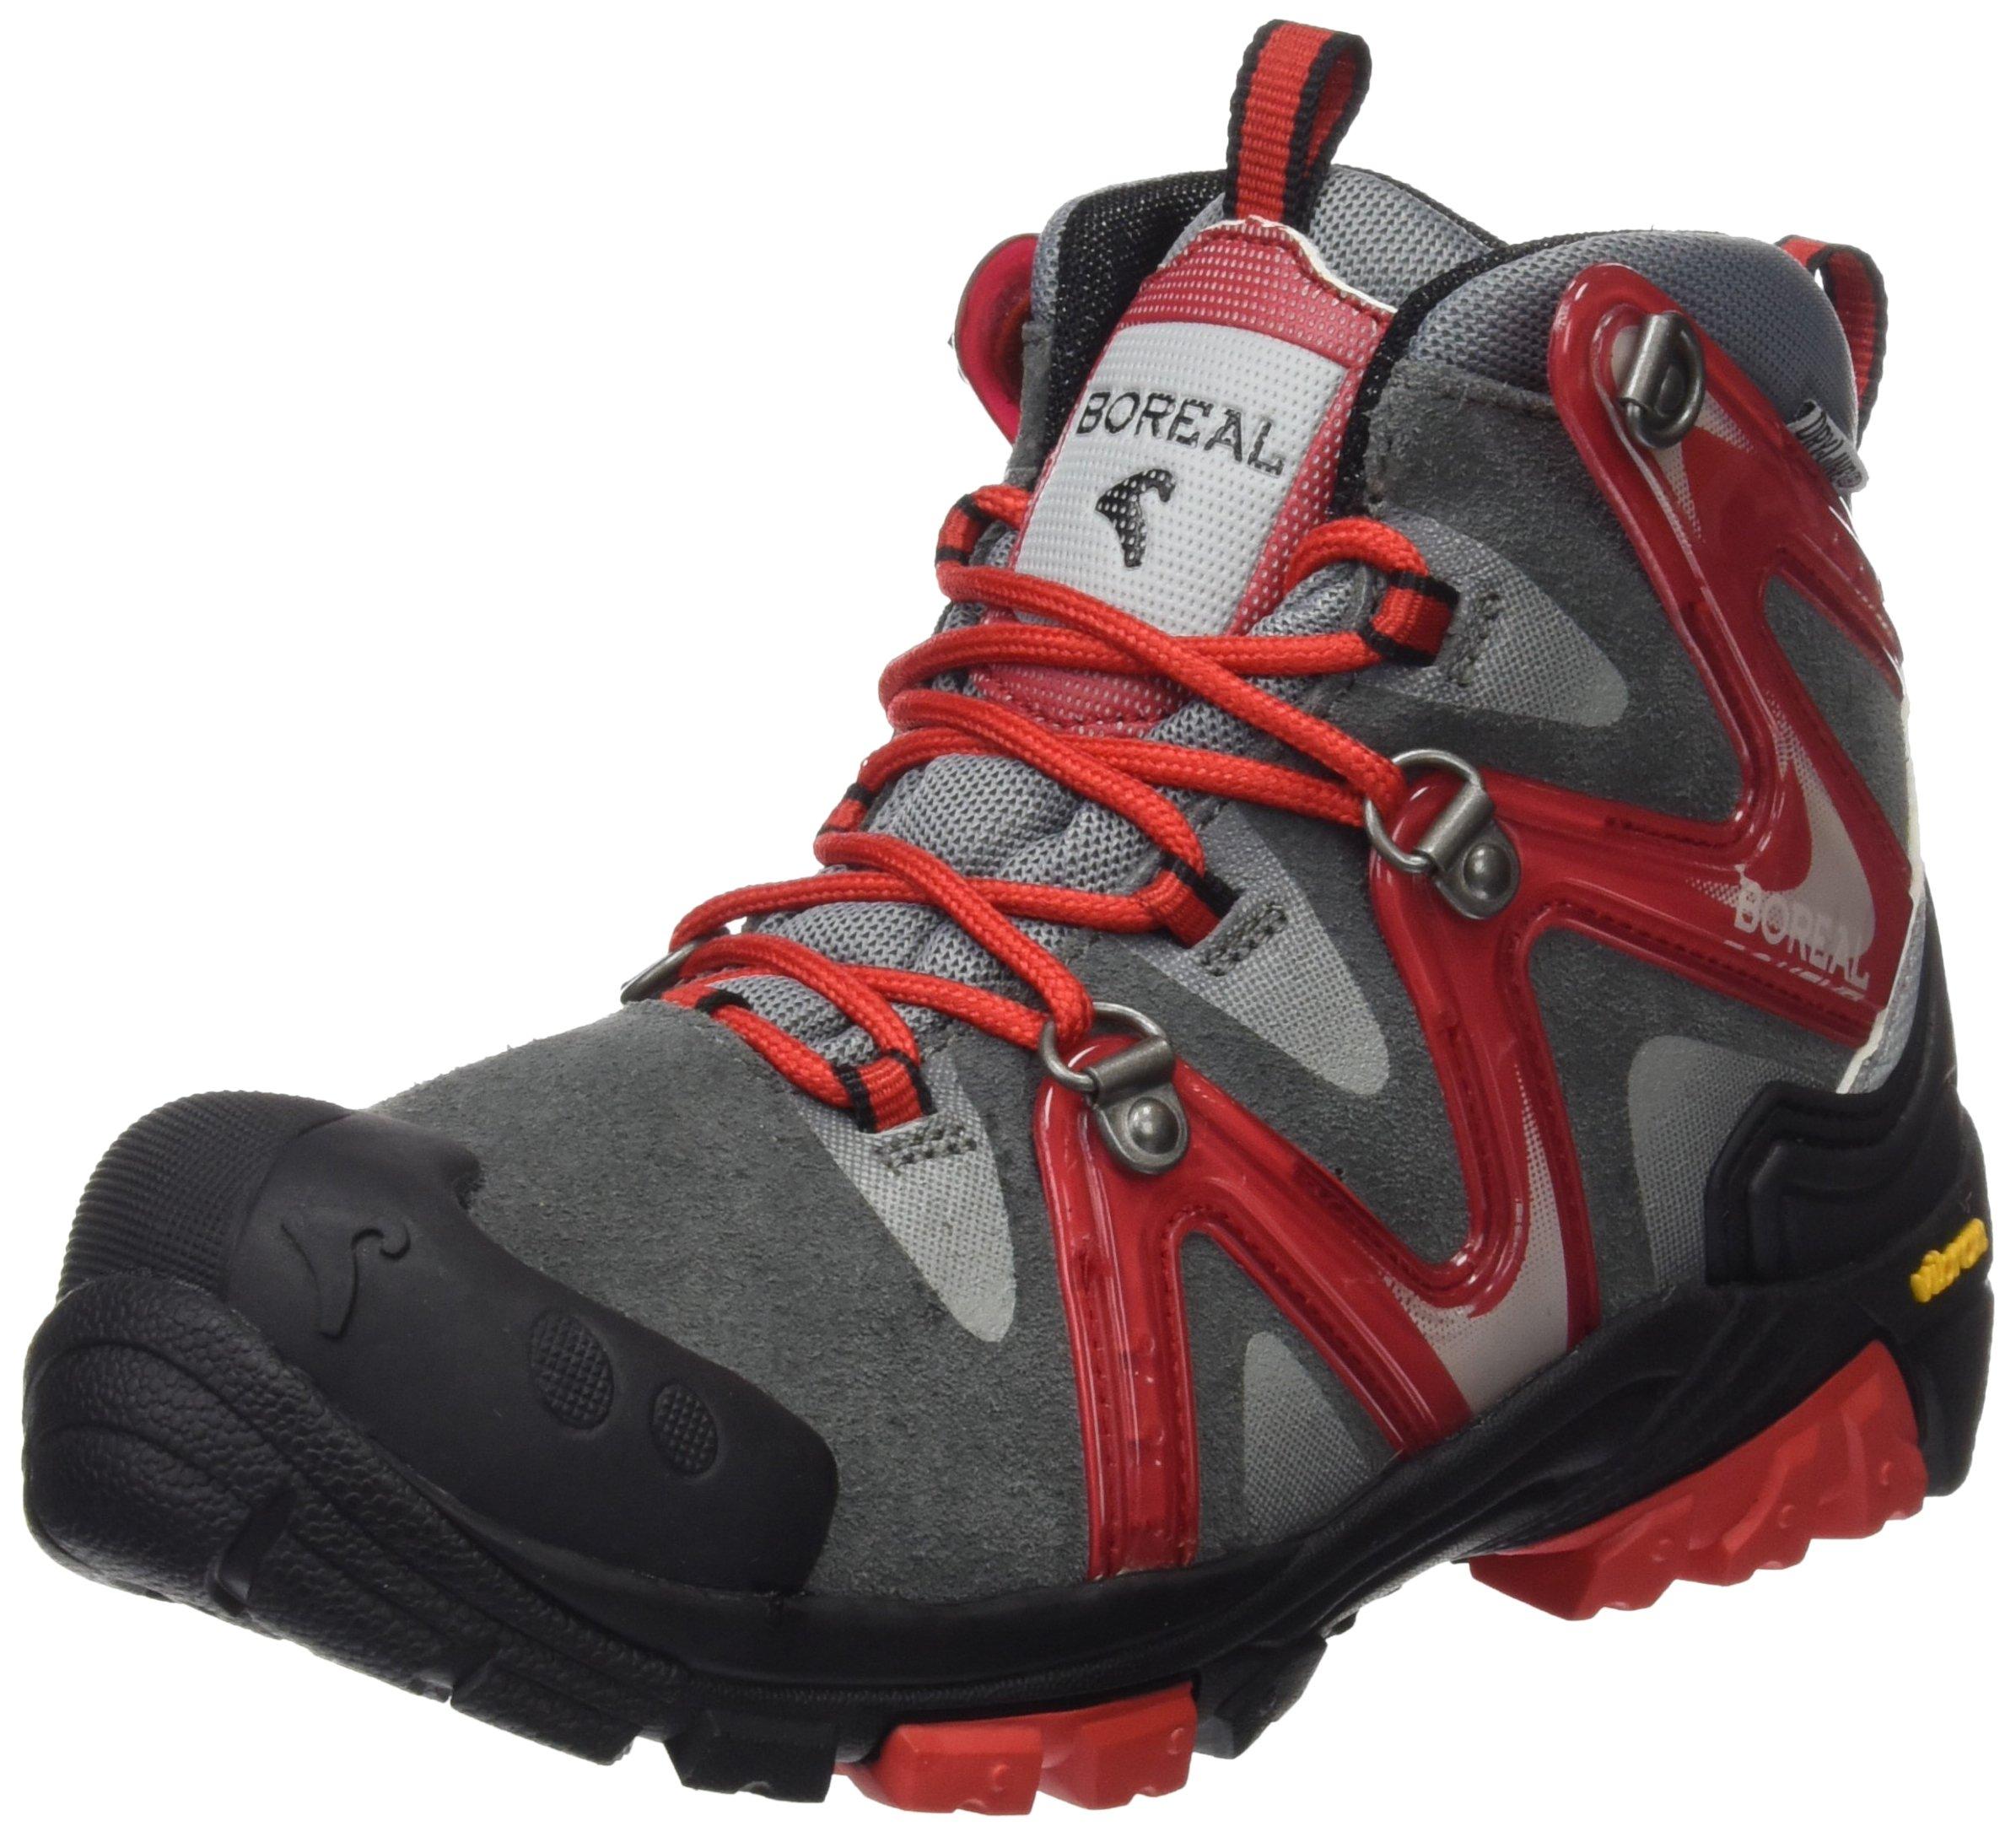 Boreal Climbing Boots Kids Aspen Lightweight 38 Gray Red 40130